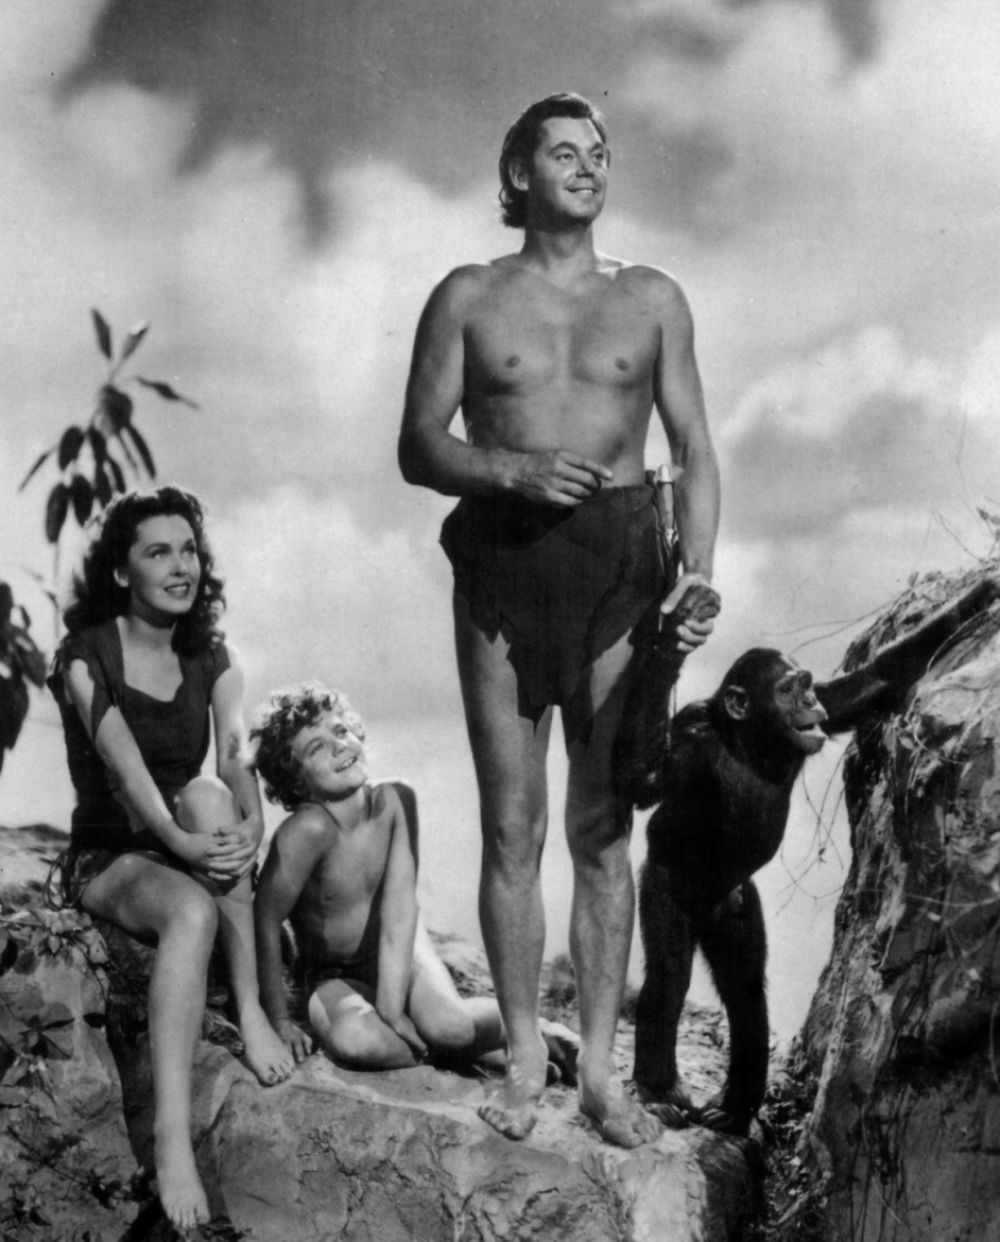 С 1966 по 1968 Тарзана играл Майк Хенри. Он исполнил эту роль в трех фильмах. Картины снимались в Бразилии.